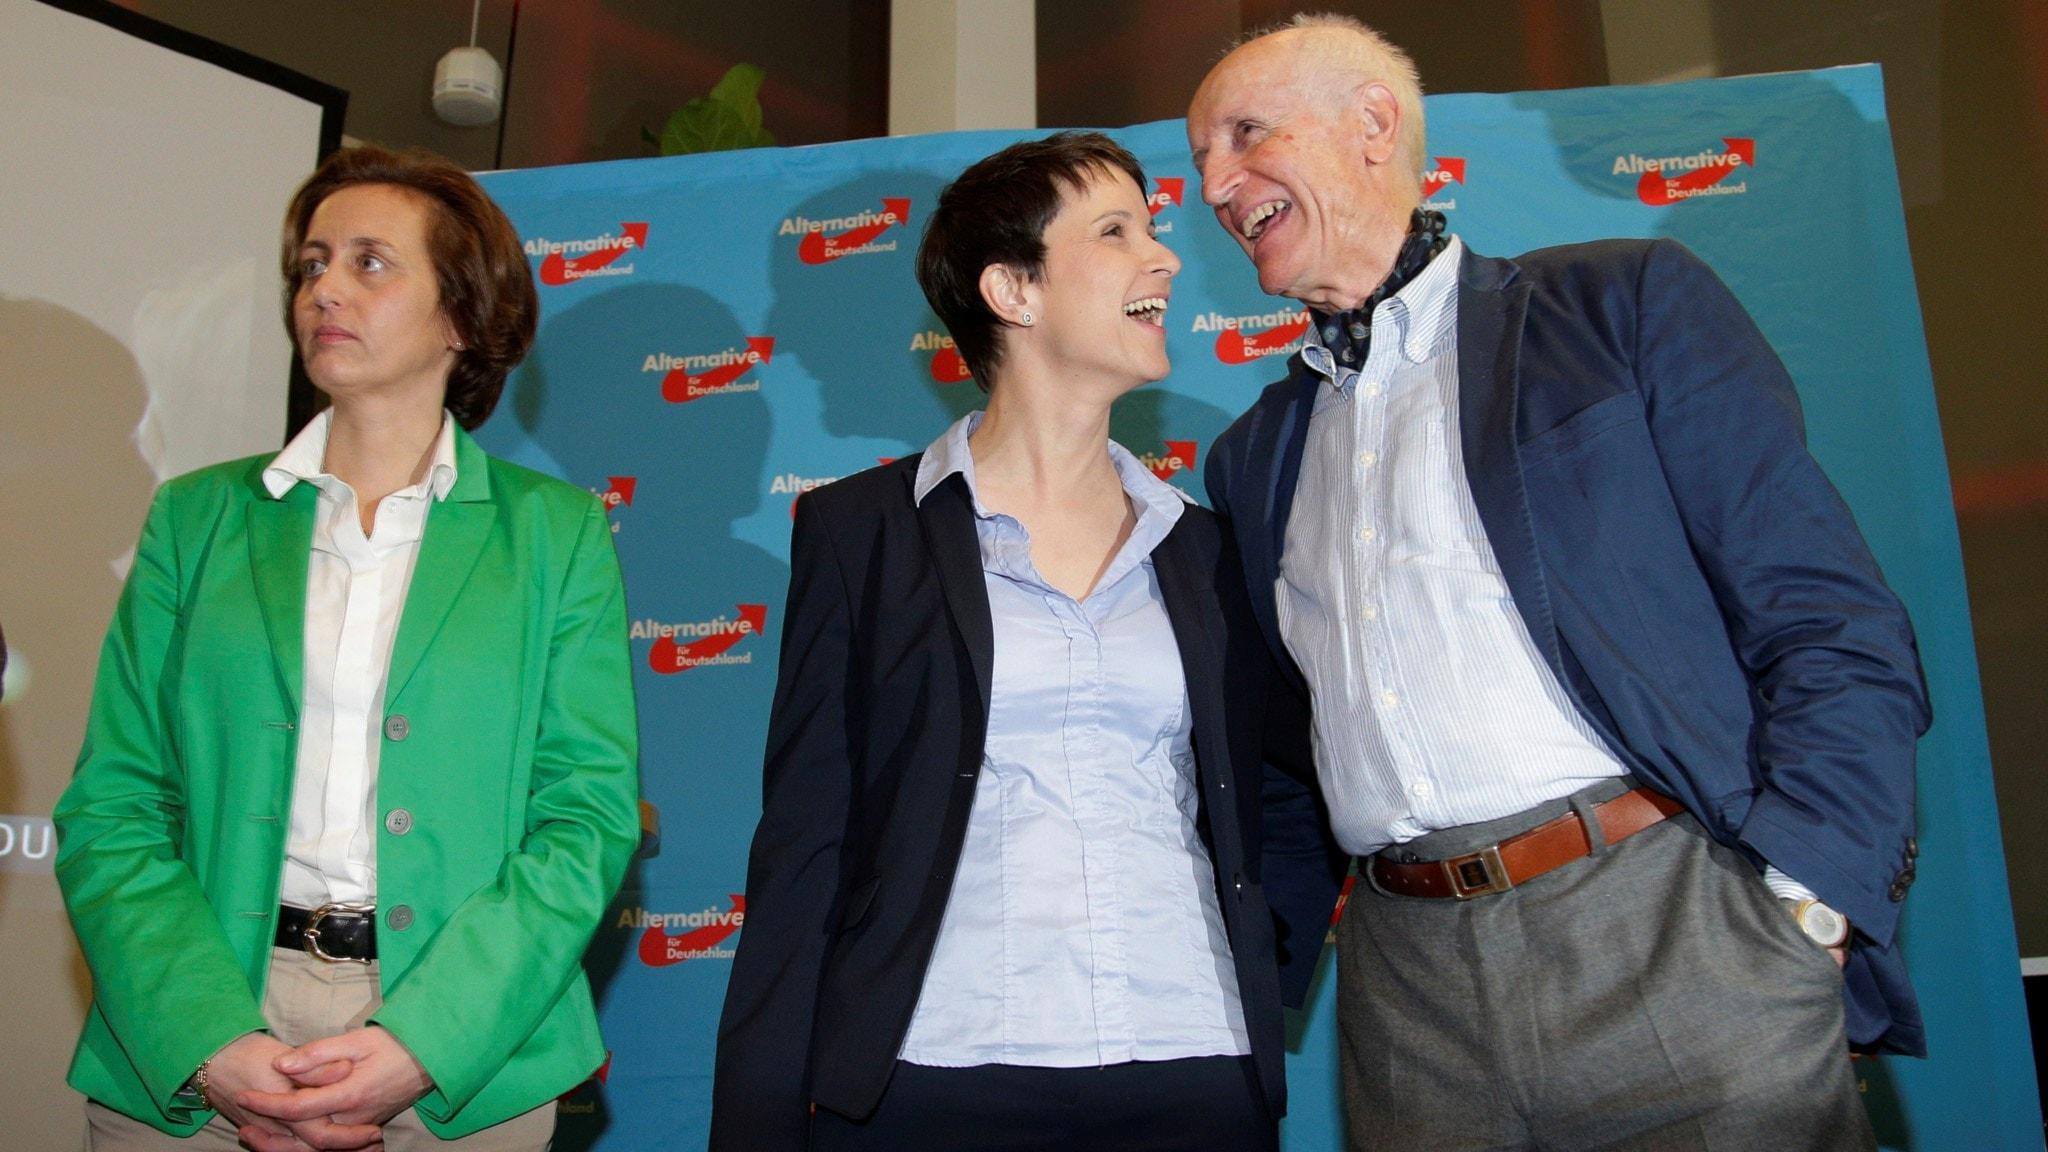 Frauke Petry (i mitte nav bilden), partiledare för AFD i Tyskland firar valframgångar med två partikollegor.